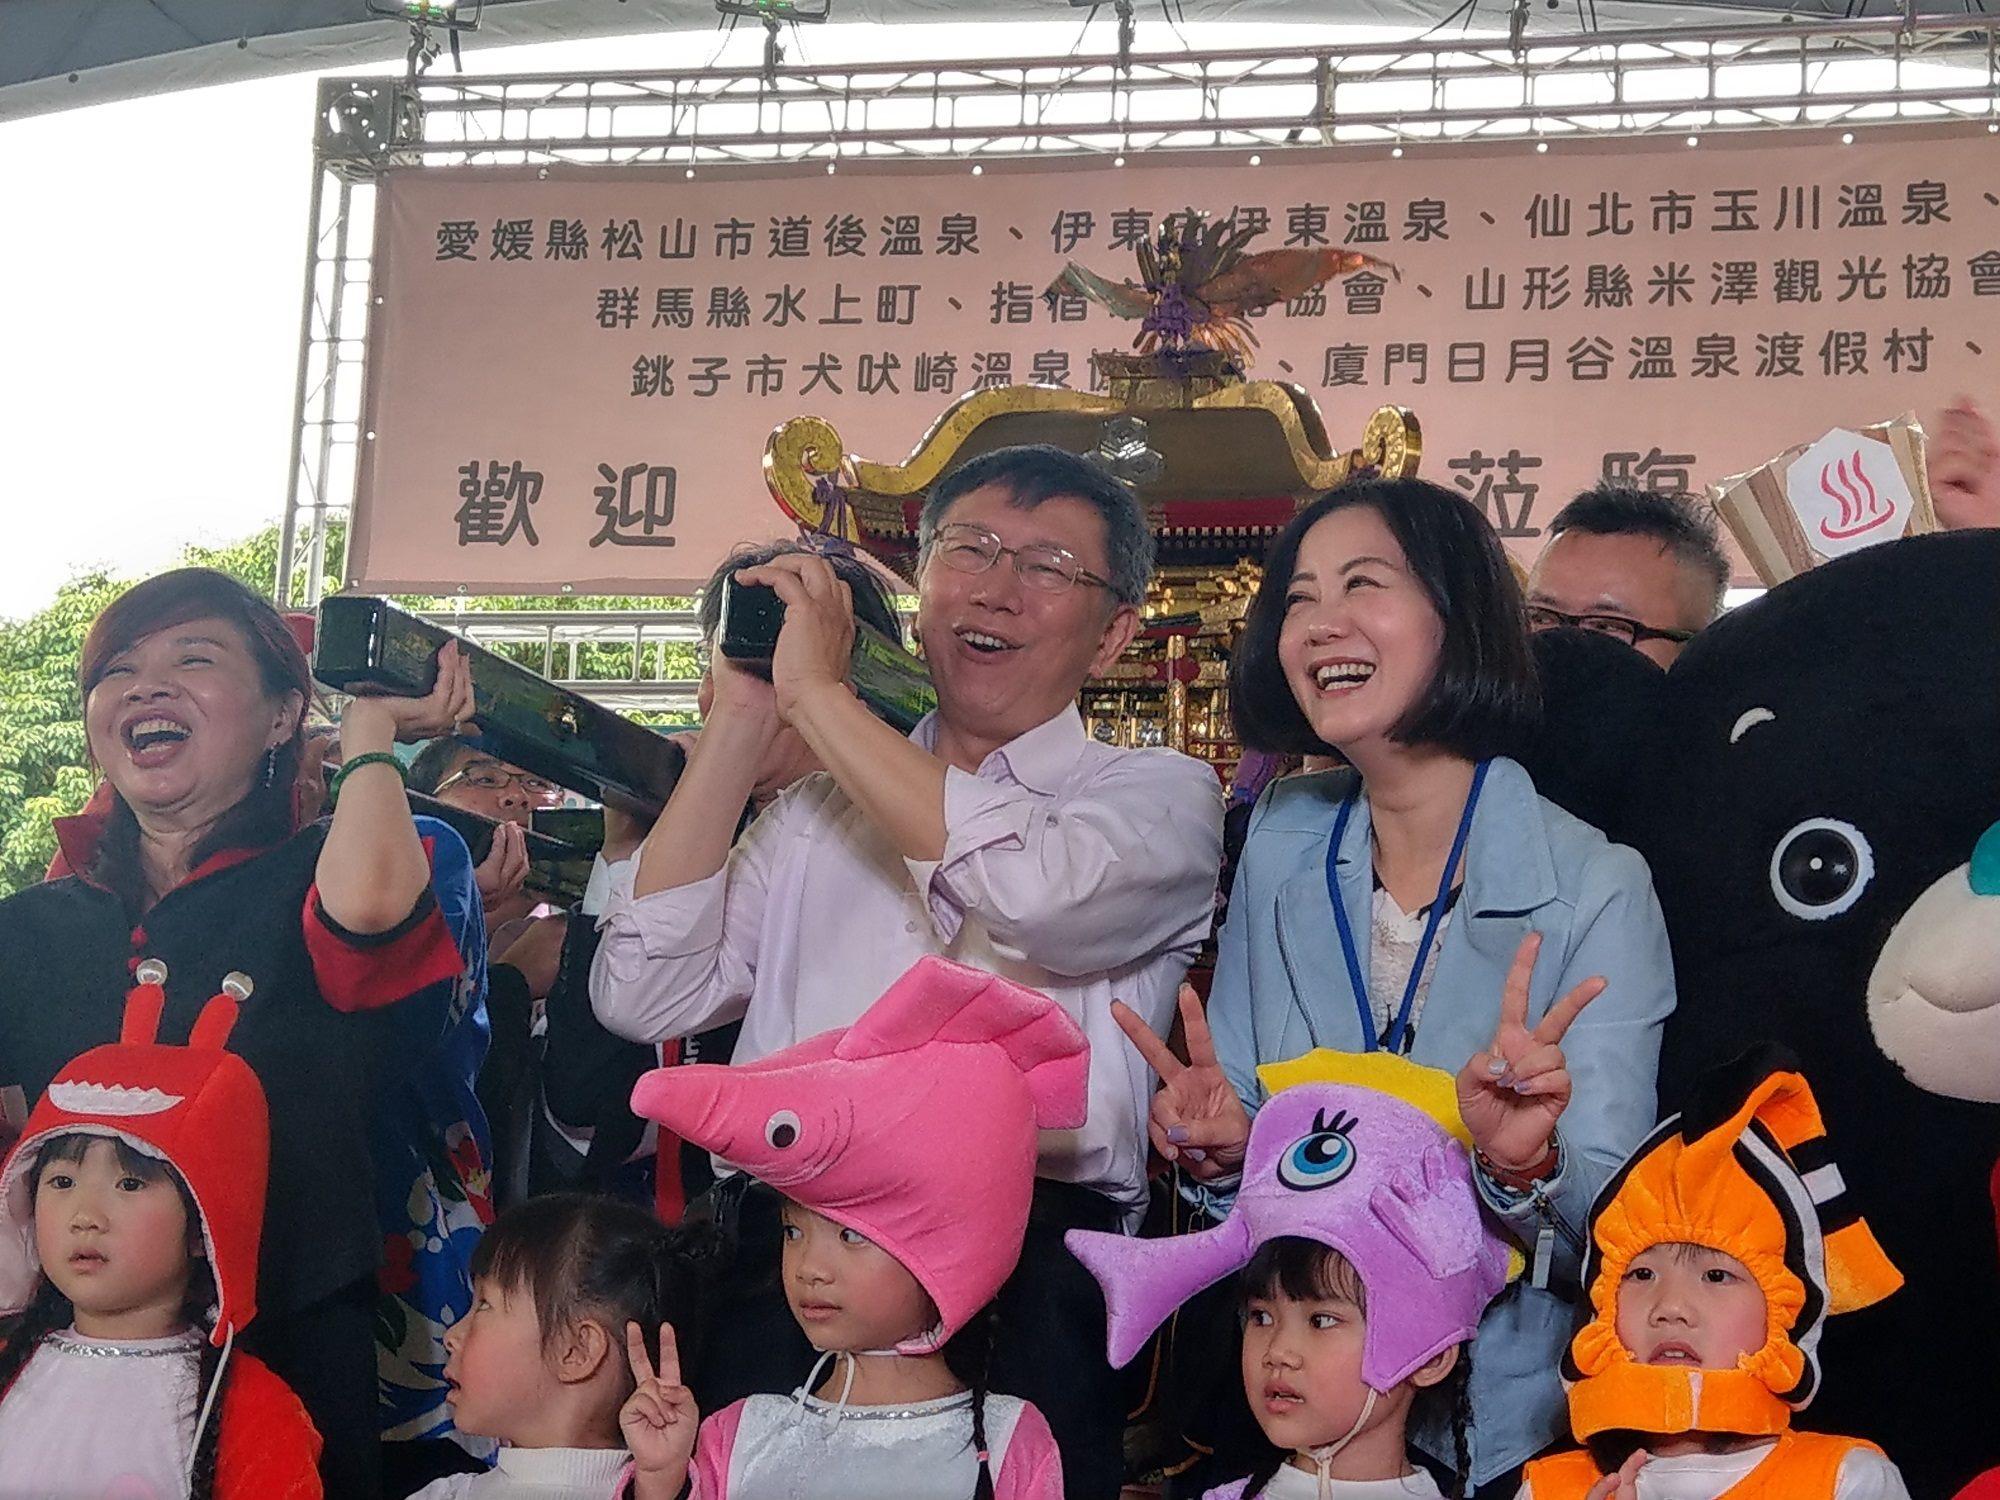 柯文哲市長(中)及臺北市溫泉發展協會周水美理事長(左)等貴賓一起抬神轎預祝溫泉季順利圓滿成功